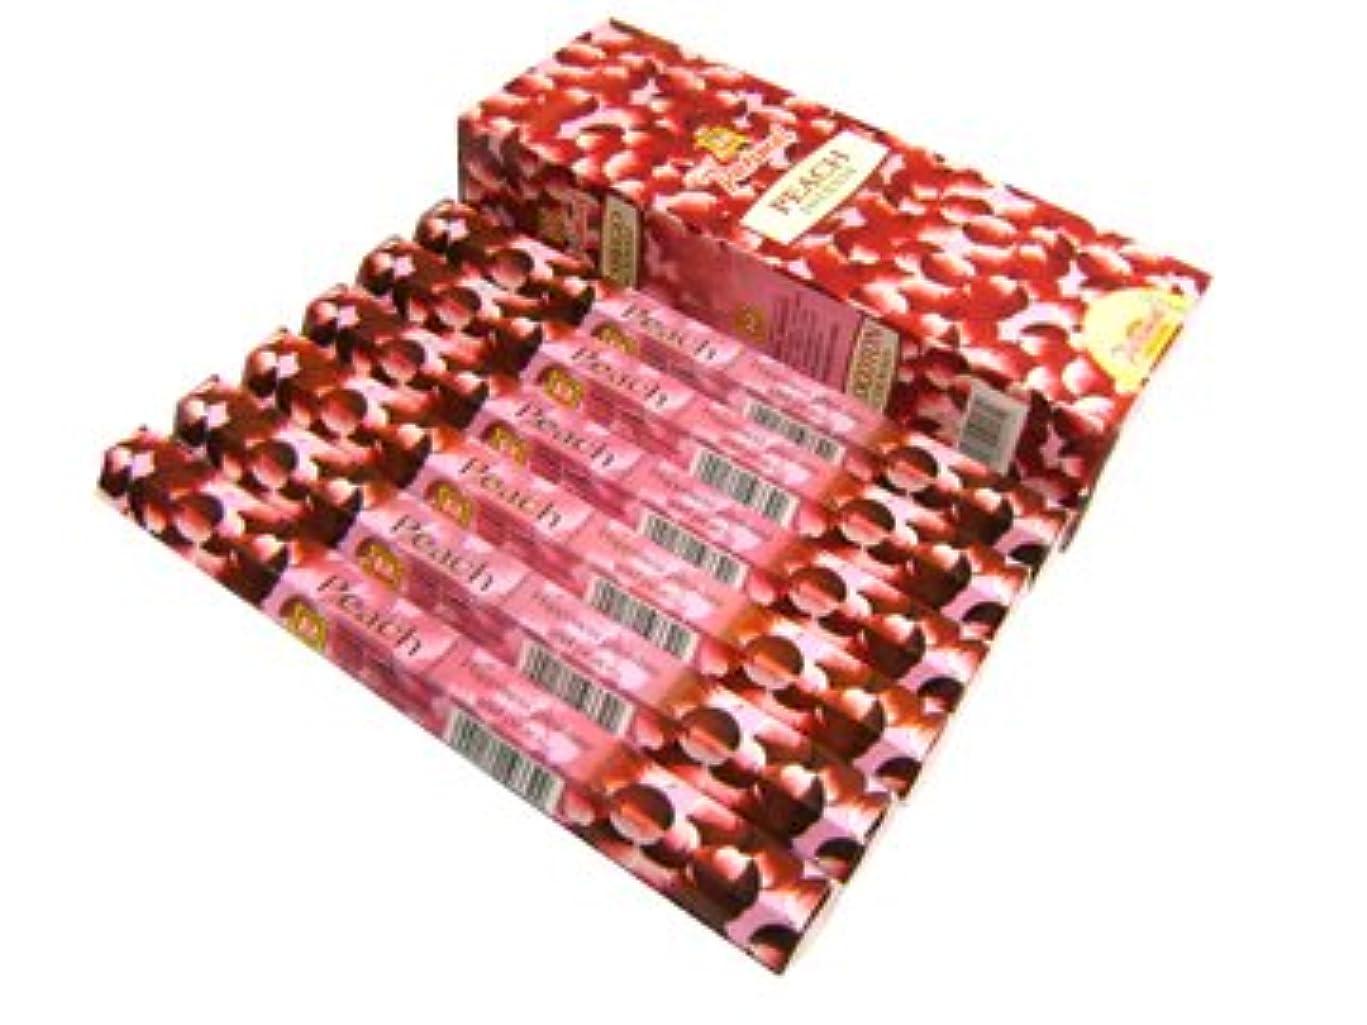 ページェント証人ひいきにするPARIMAL(パリマル) ピーチ香 スティック PEACH 6箱セット